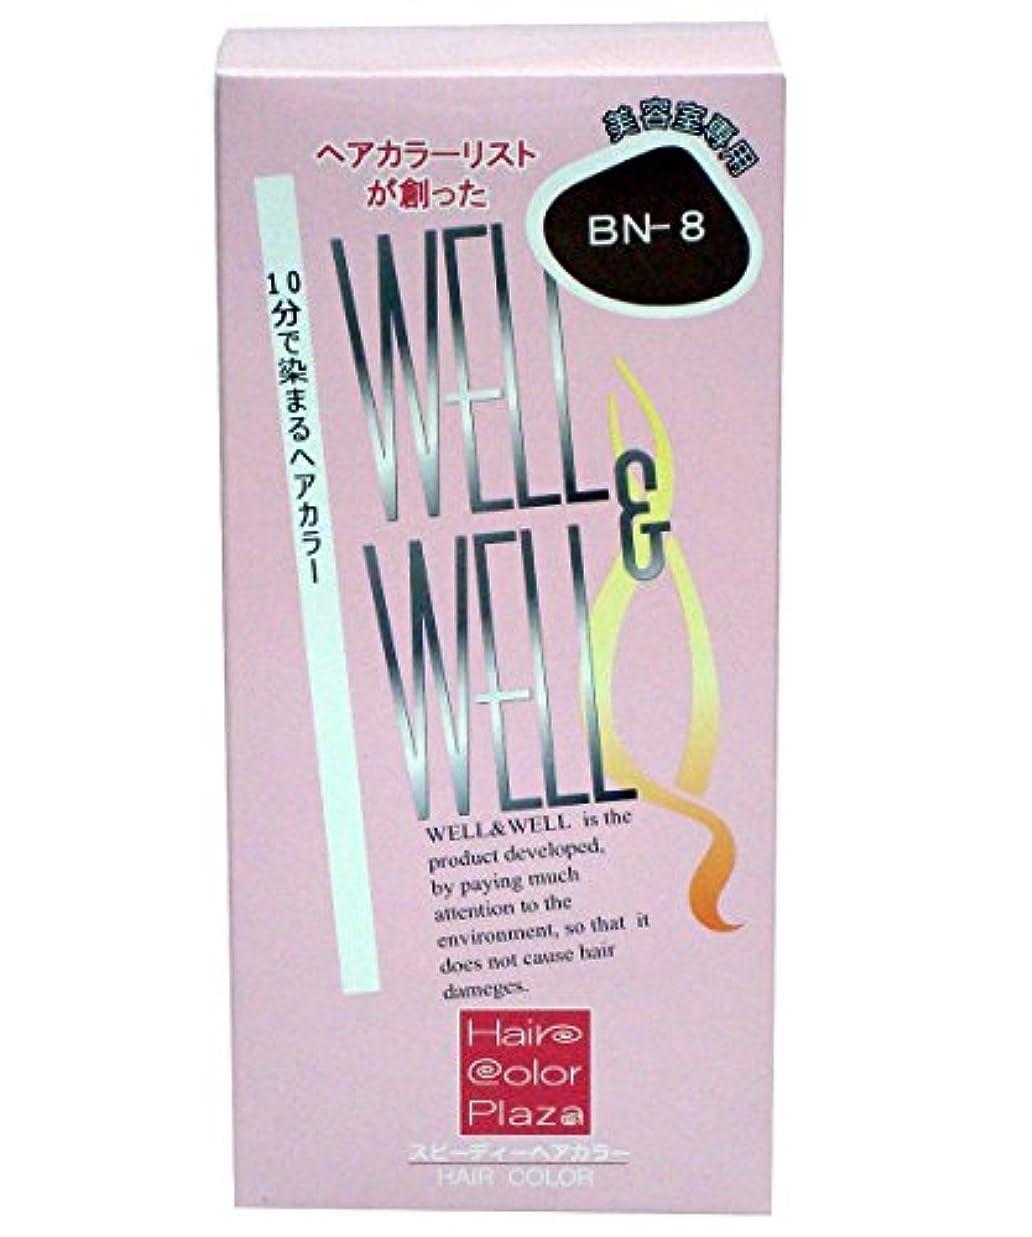 リズムどうやって優しさ【美容室専用】 ウェル&ウェル スピーディヘアカラー ナチュラルブラウン BN-8